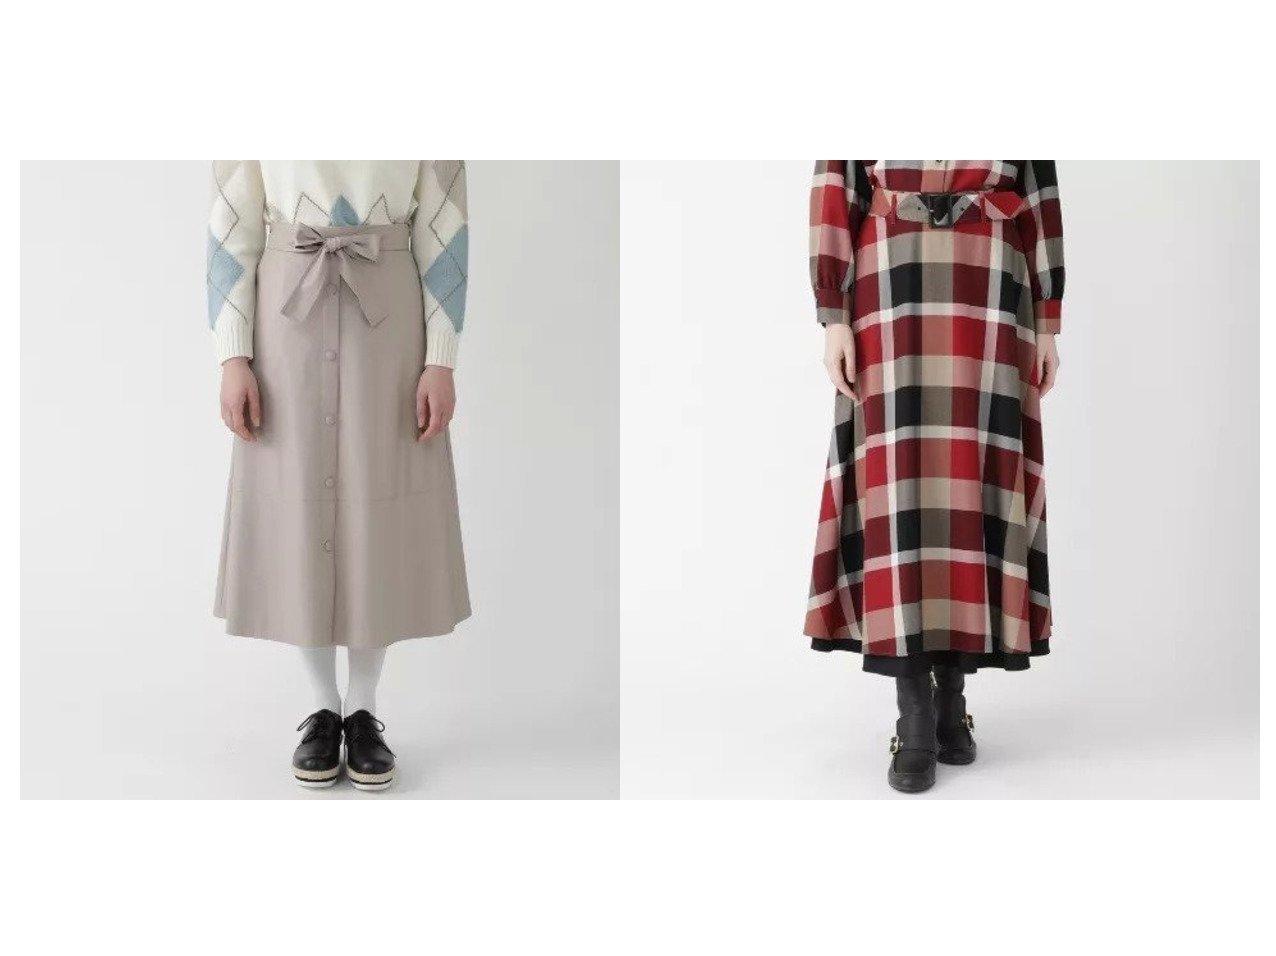 【BLUE LABEL CRESTBRIDGE/ブルーレーベル・クレストブリッジ】の合皮レザーフレアスカート&クレストブリッジチェックリバーシブルスカート スカートのおすすめ!人気、レディースファッションの通販 おすすめで人気のファッション通販商品 インテリア・家具・キッズファッション・メンズファッション・レディースファッション・服の通販 founy(ファニー) https://founy.com/ ファッション Fashion レディース WOMEN スカート Skirt Aライン/フレアスカート Flared A-Line Skirts ギャザー ショート シンプル トレンド ドレープ フレア リバーシブル  ID:crp329100000001526